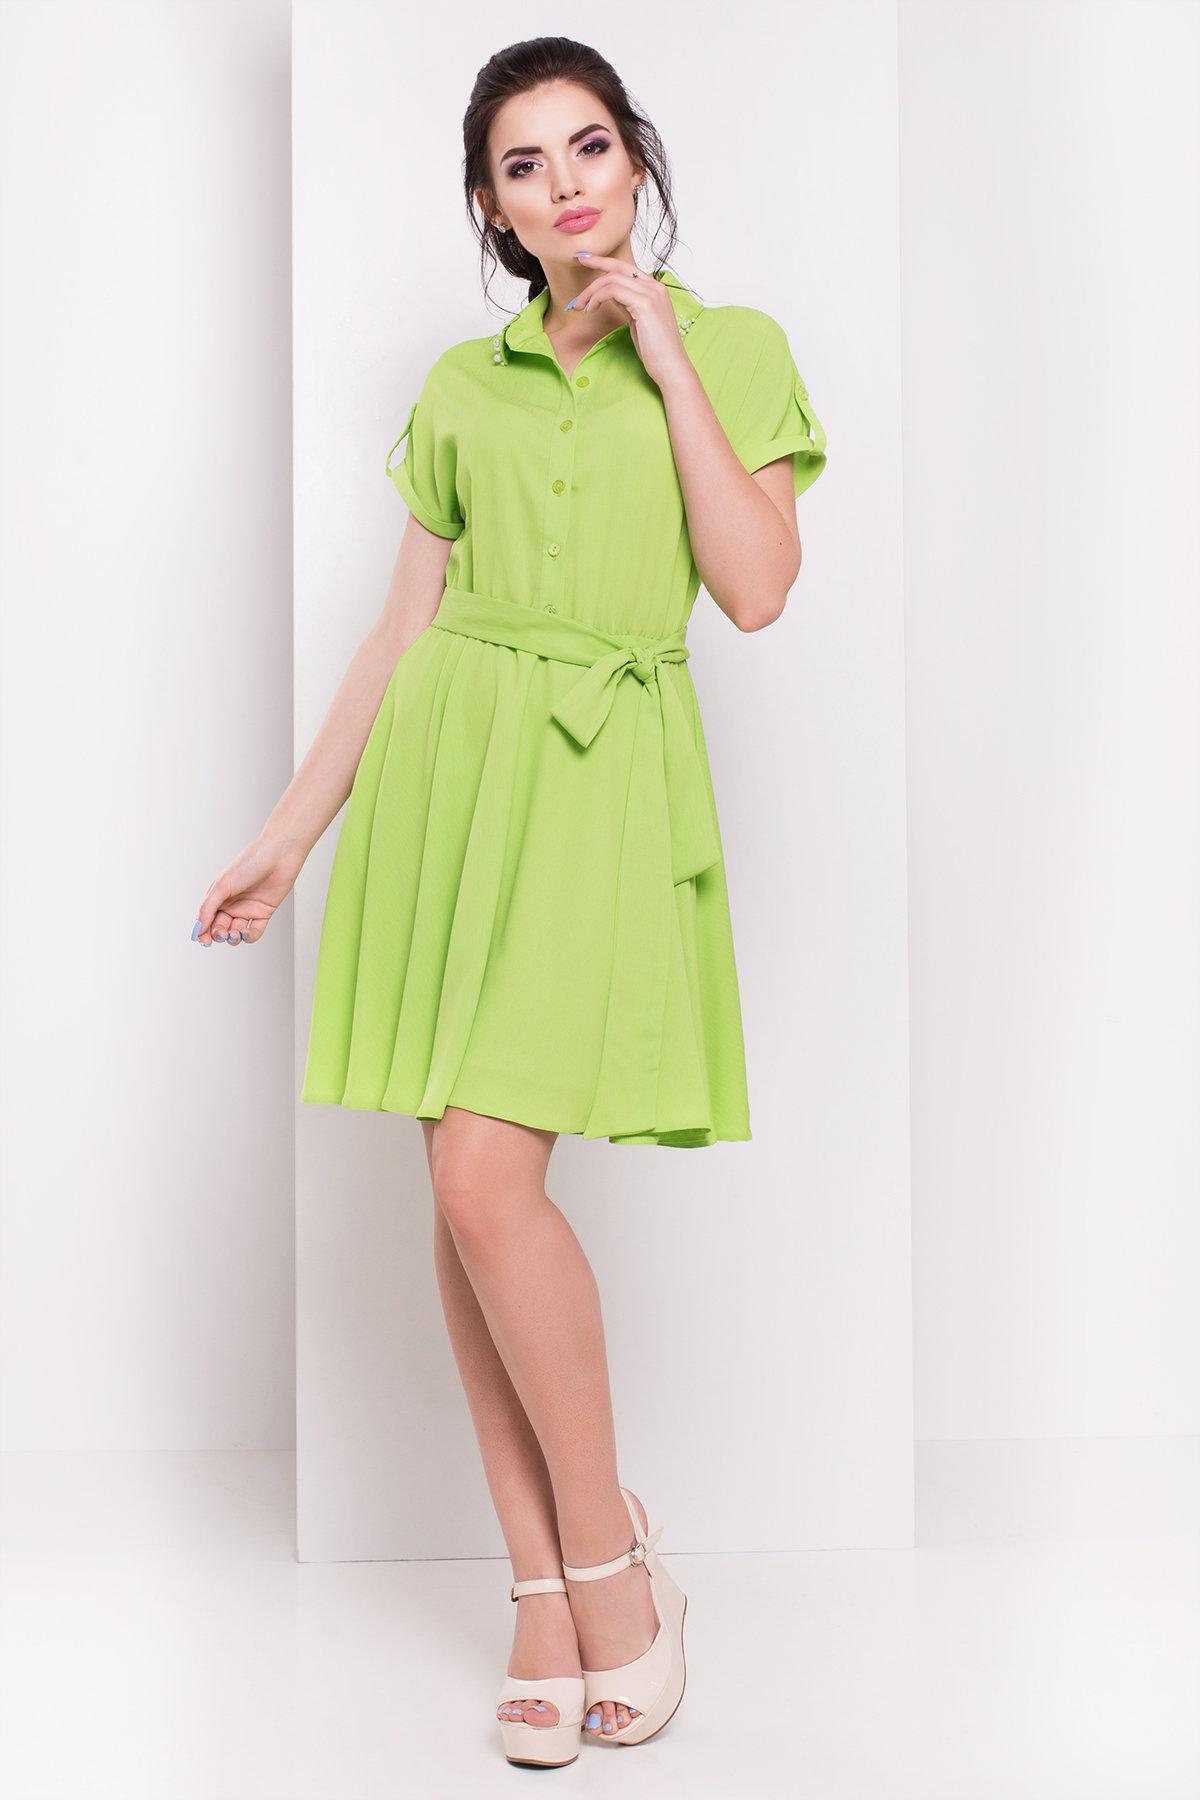 Оптовый интернет-магазин платьев Modus Платье Санжар 2757